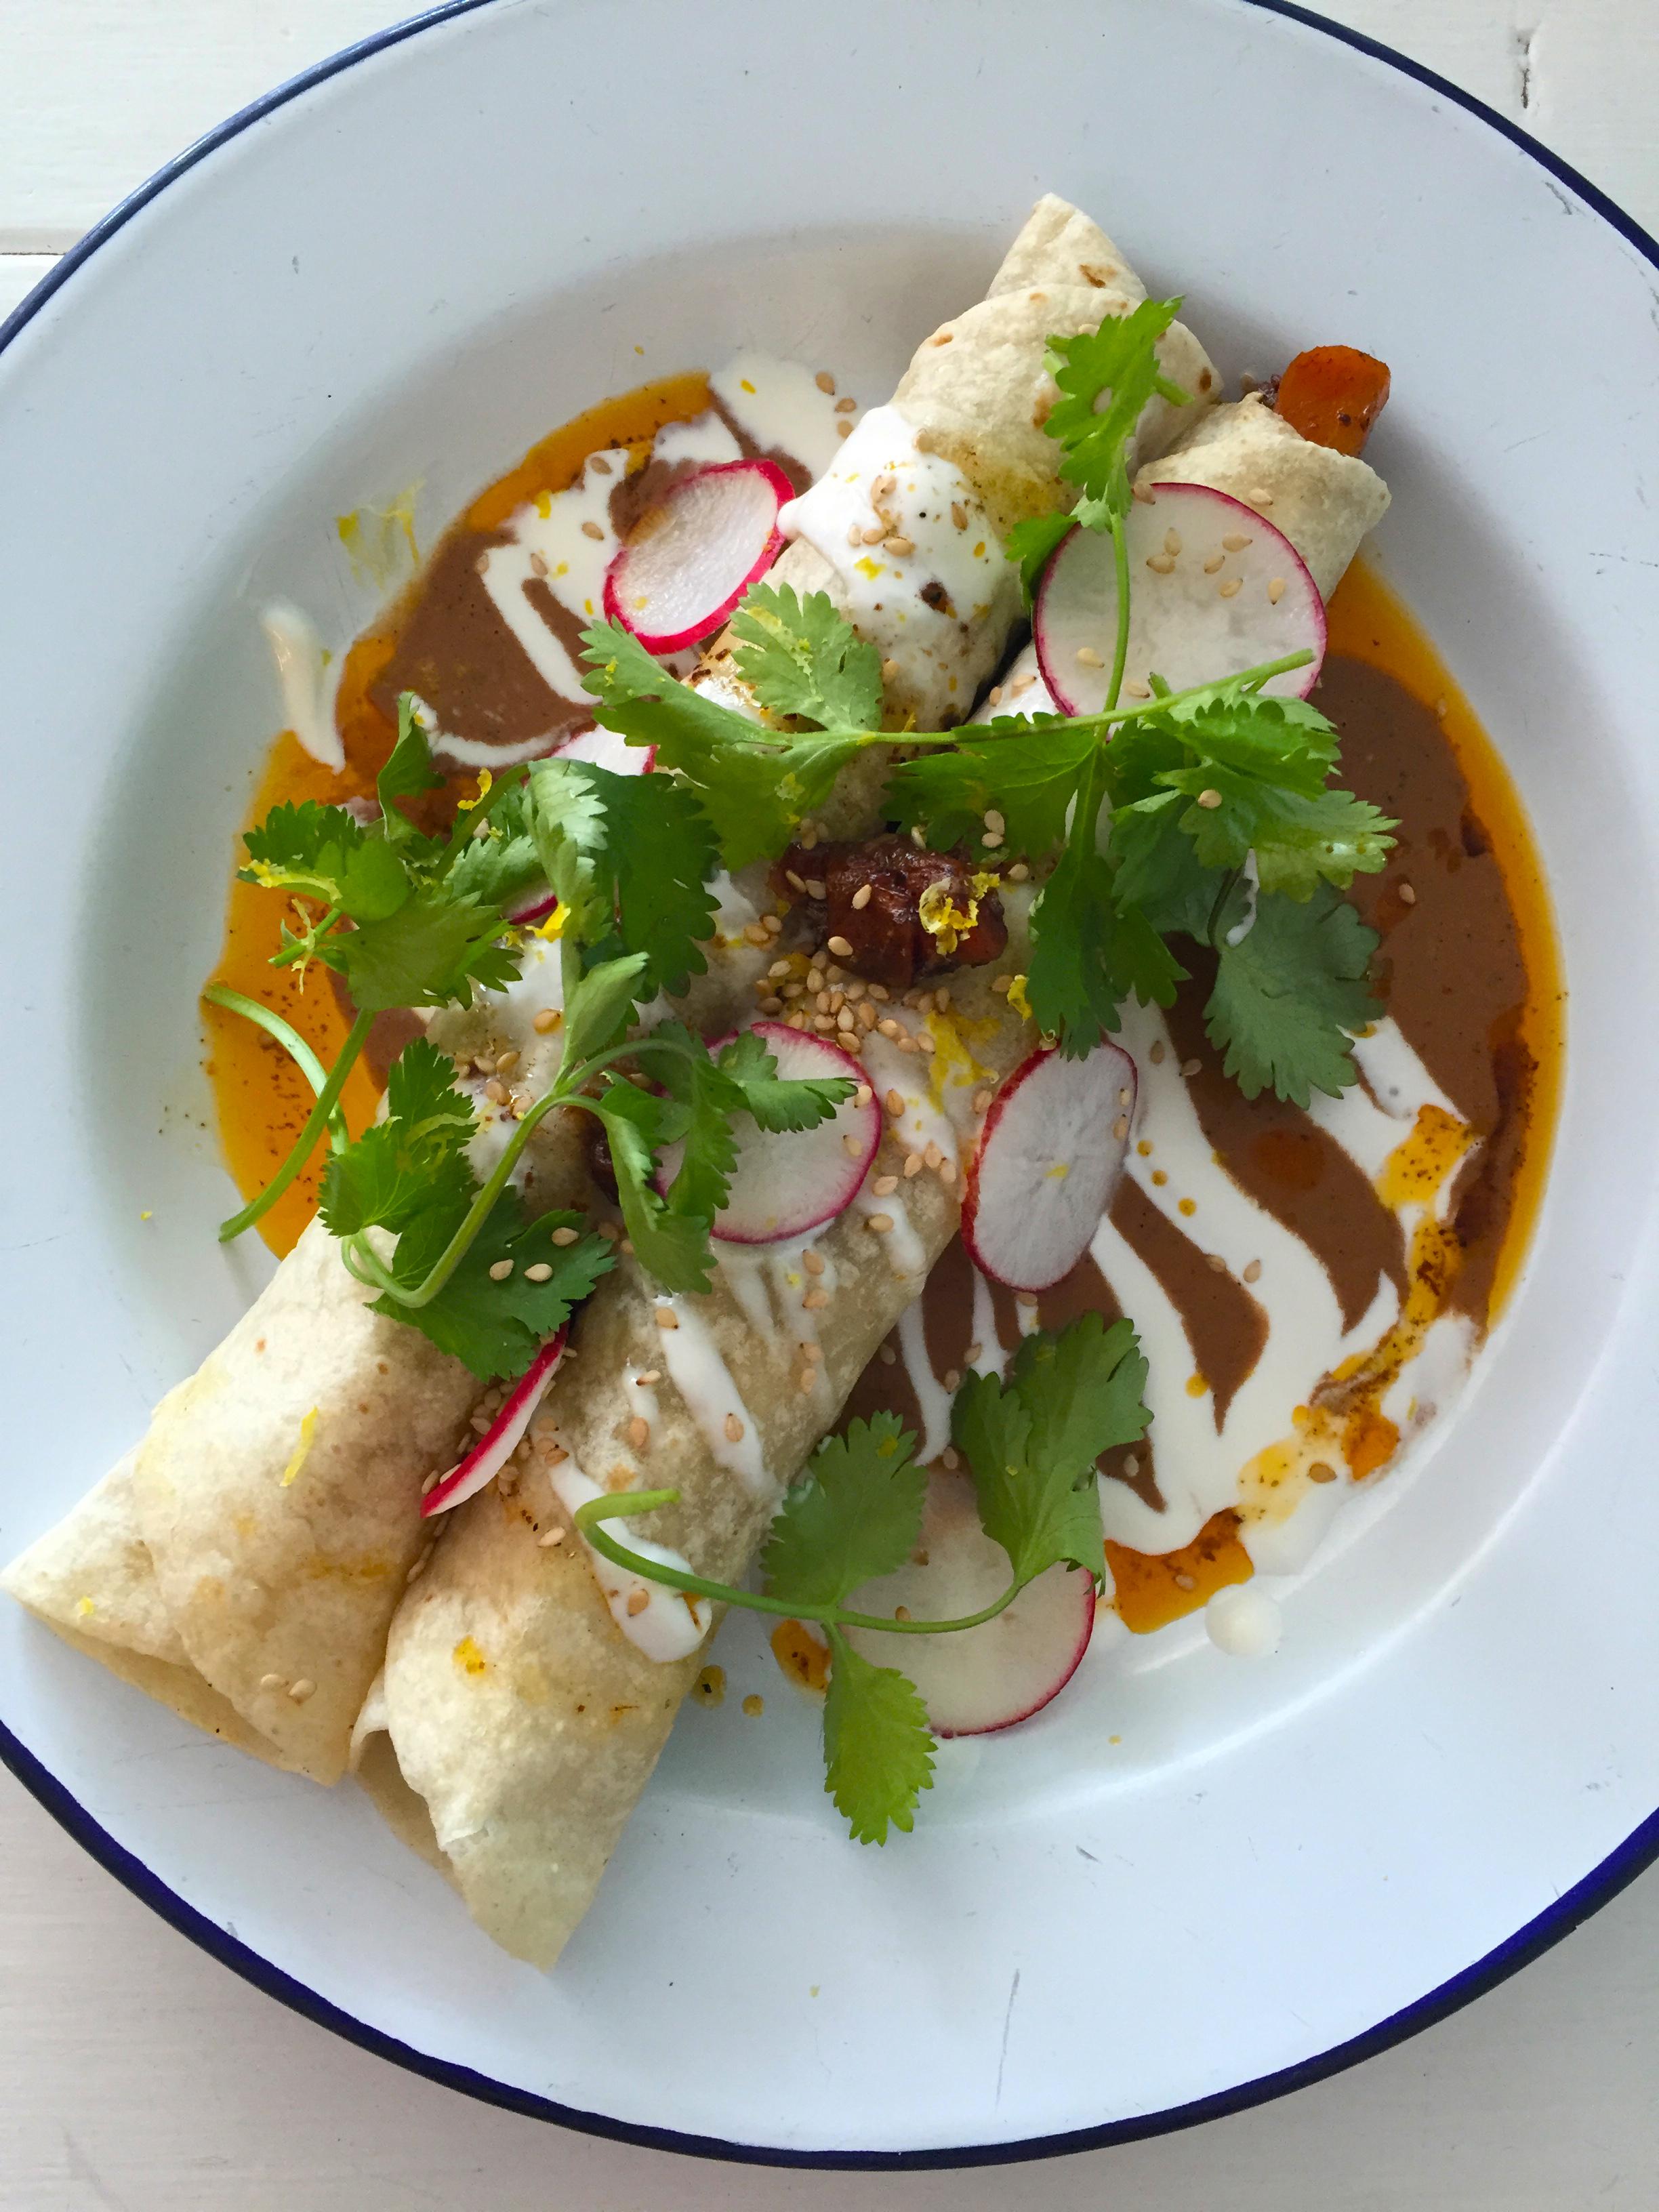 Carrot mole enchiladas with crème fraiche and cilantro.